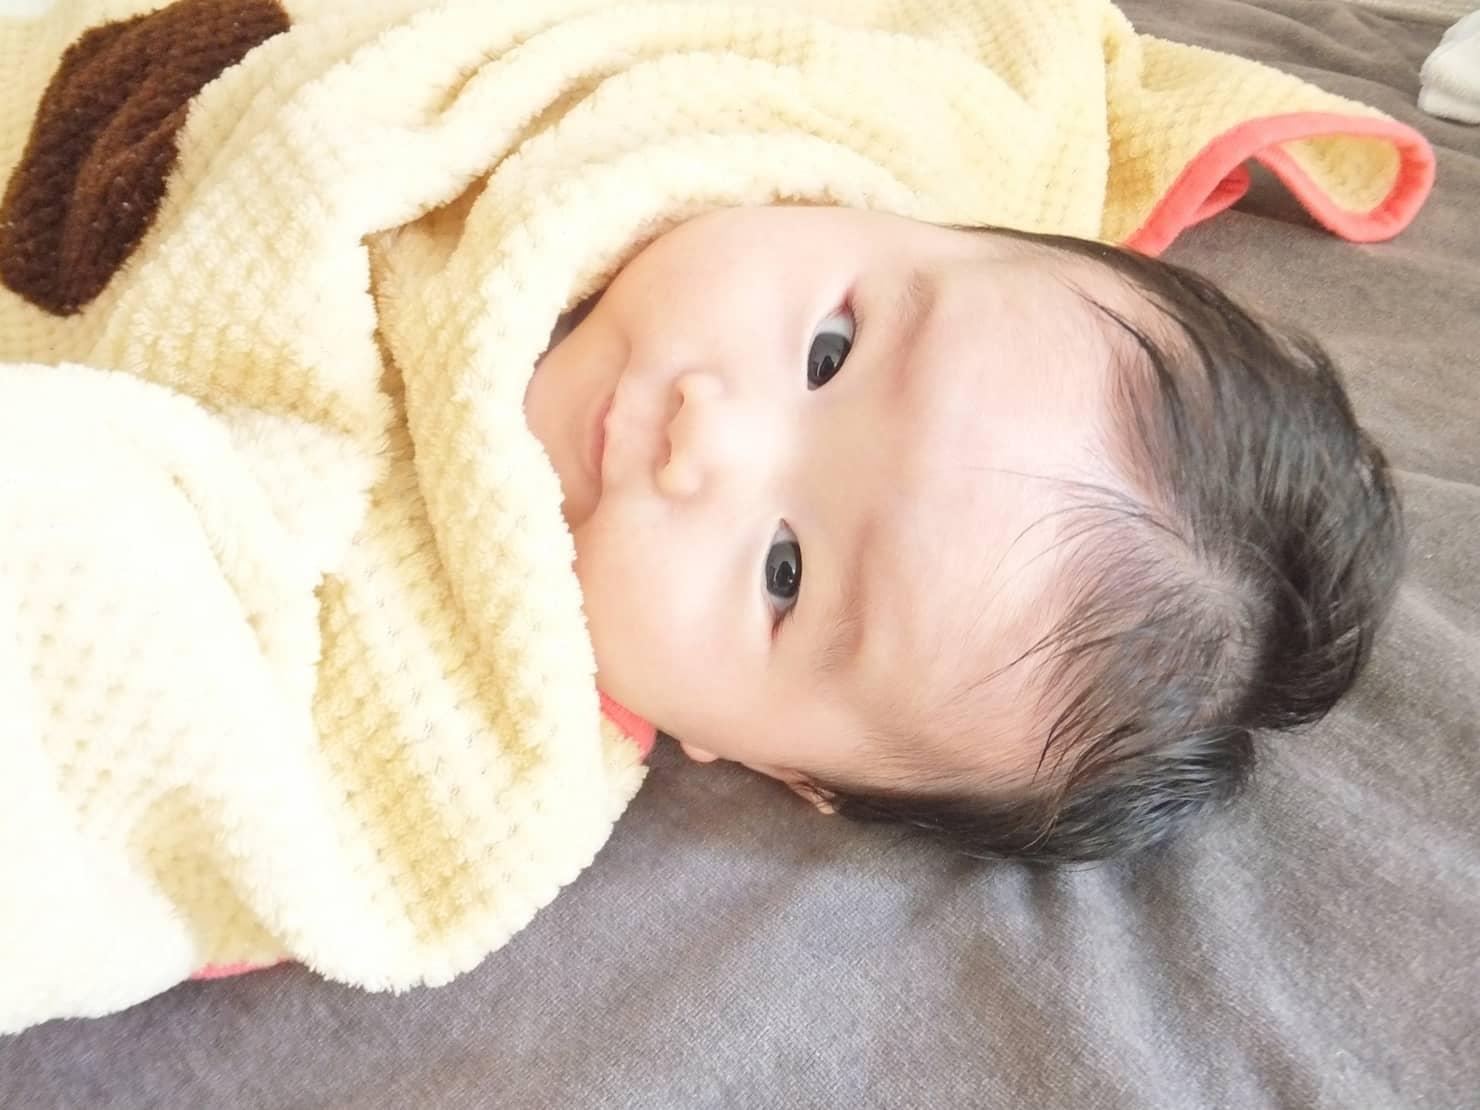 おくるみは生後何ヶ月から何歳まで使えるの? 赤ちゃんにおくるみは必要? おすすめ10選!